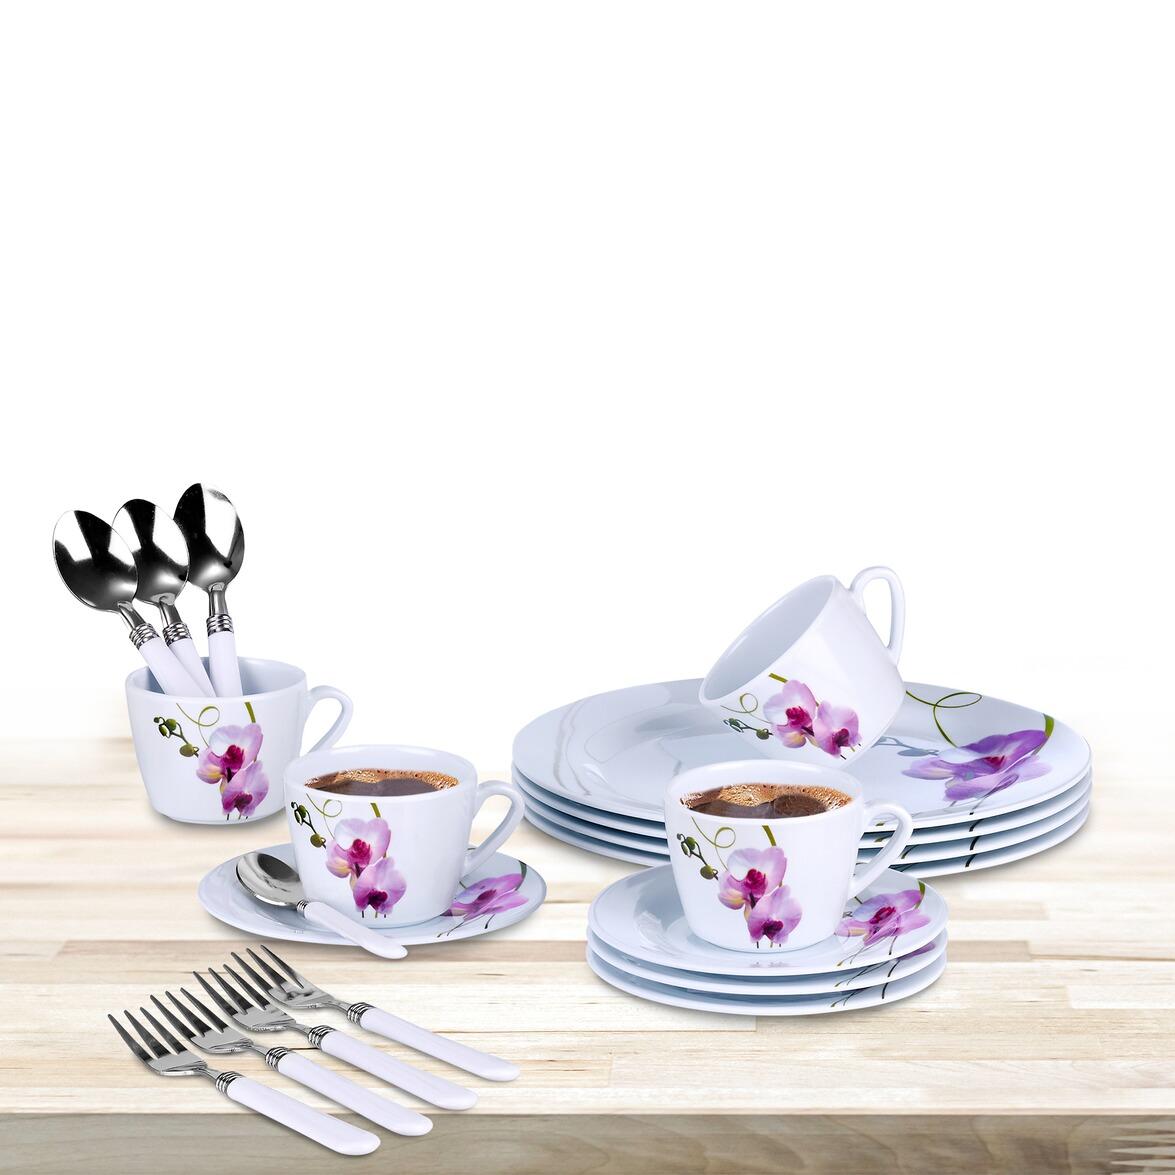 Kaffee-Service 'Orchidee', 20 Teile